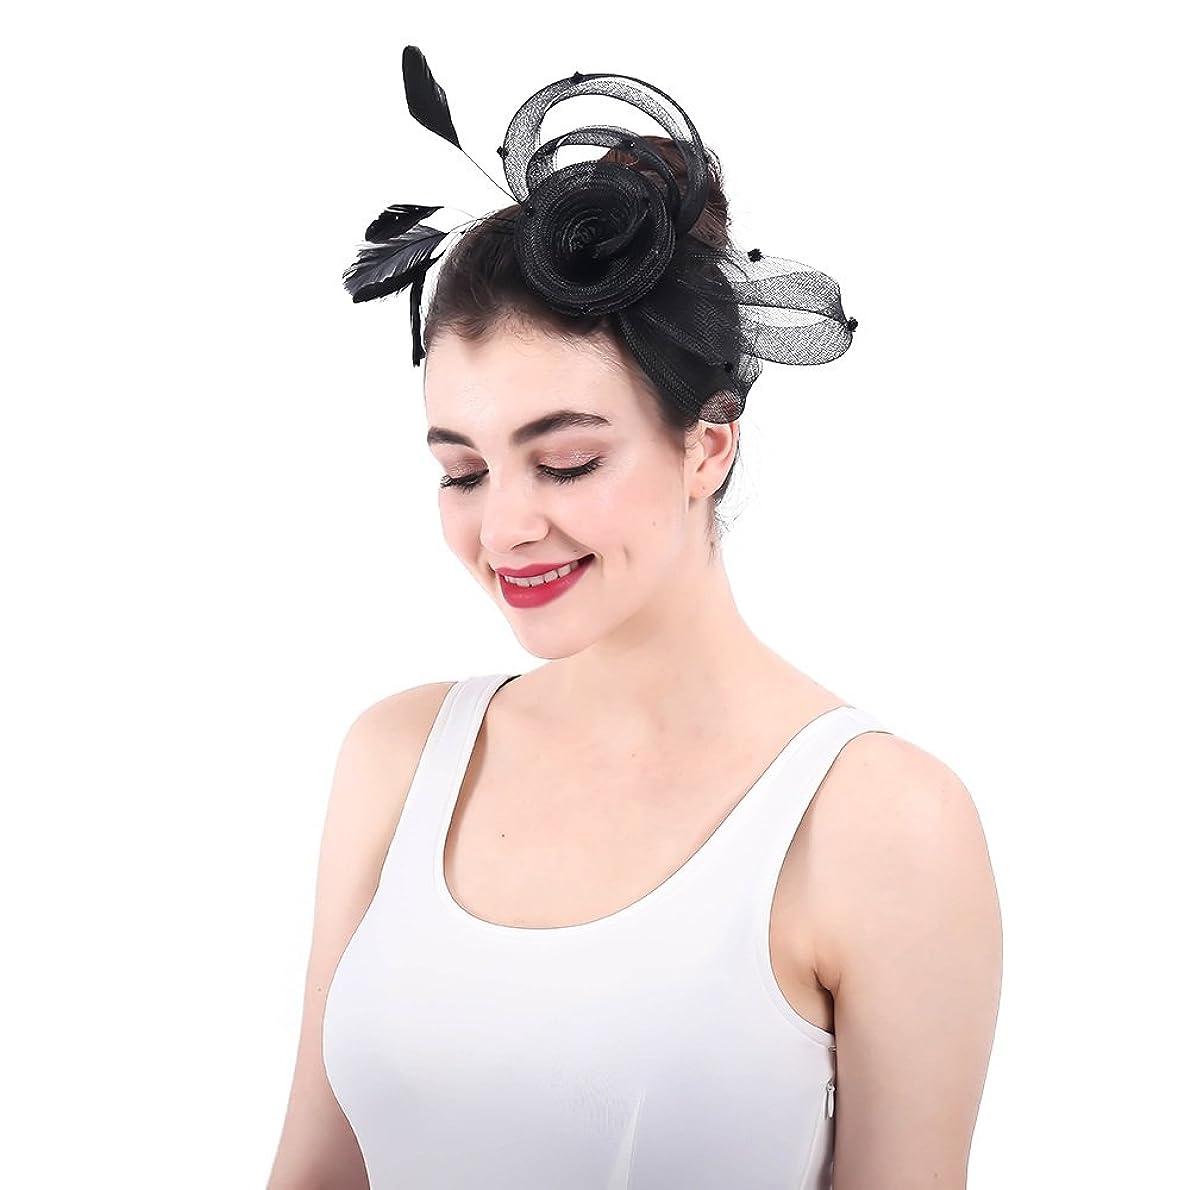 ジャケット押し下げる怒っている女性の魅力的な帽子 女性ライトシナマイ魅力的なヘアクリップアクセサリーウェディングカクテルティーパーティー